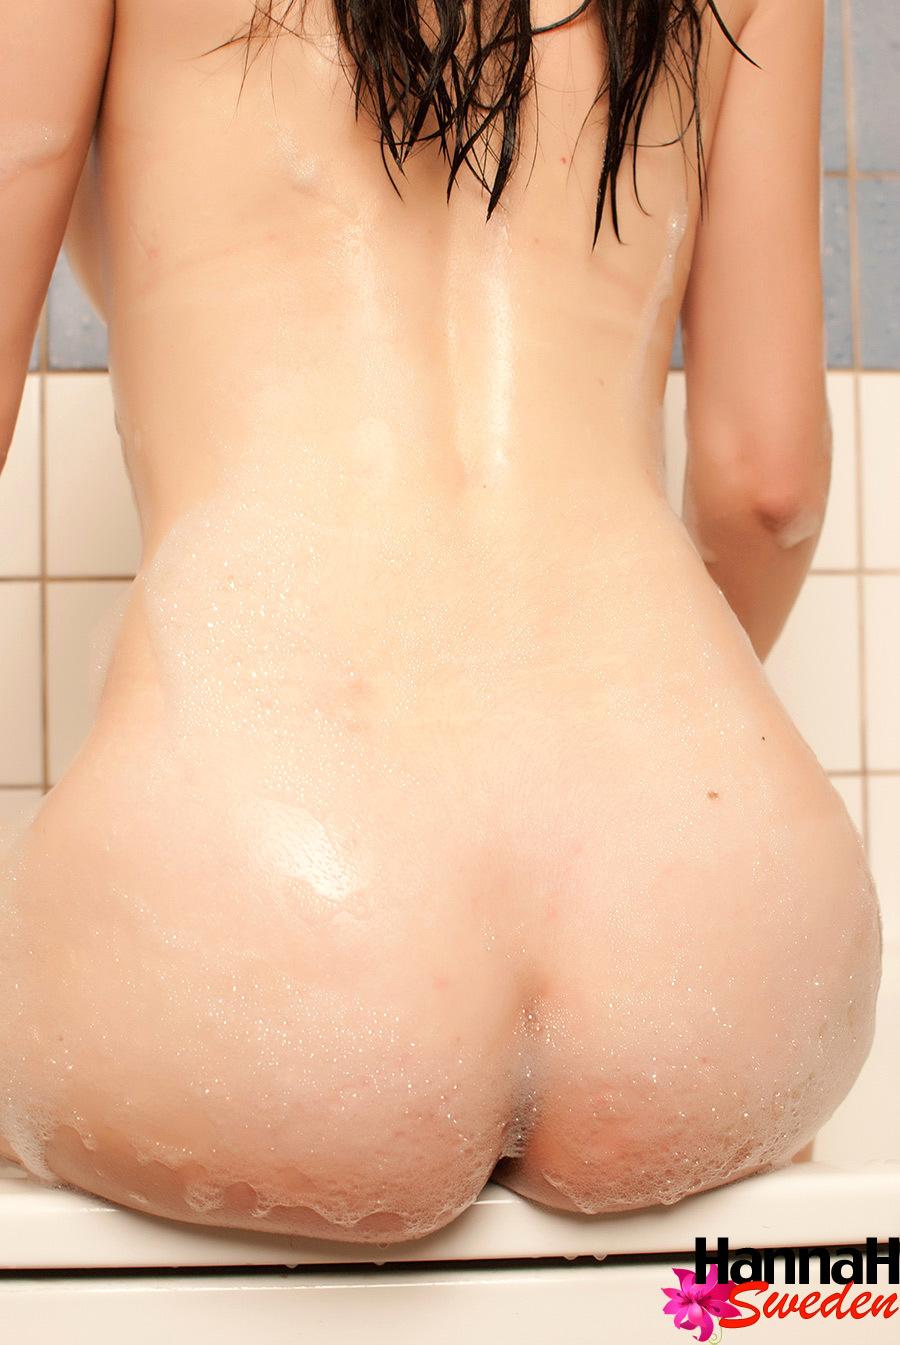 Tiny European Tgirl With Massive Boobs